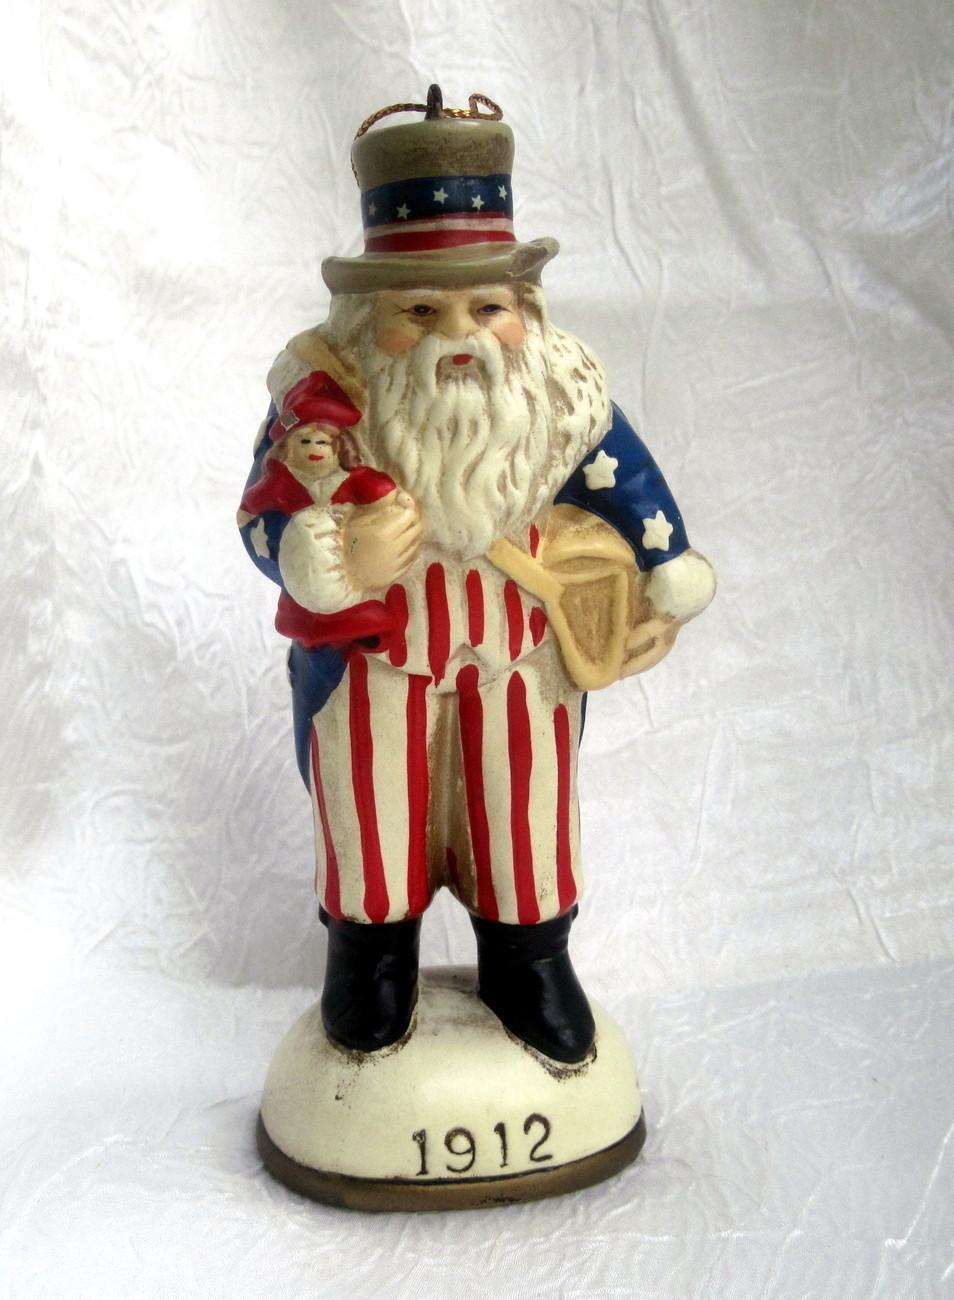 Uncle sam santa claus figurine ornament memories of